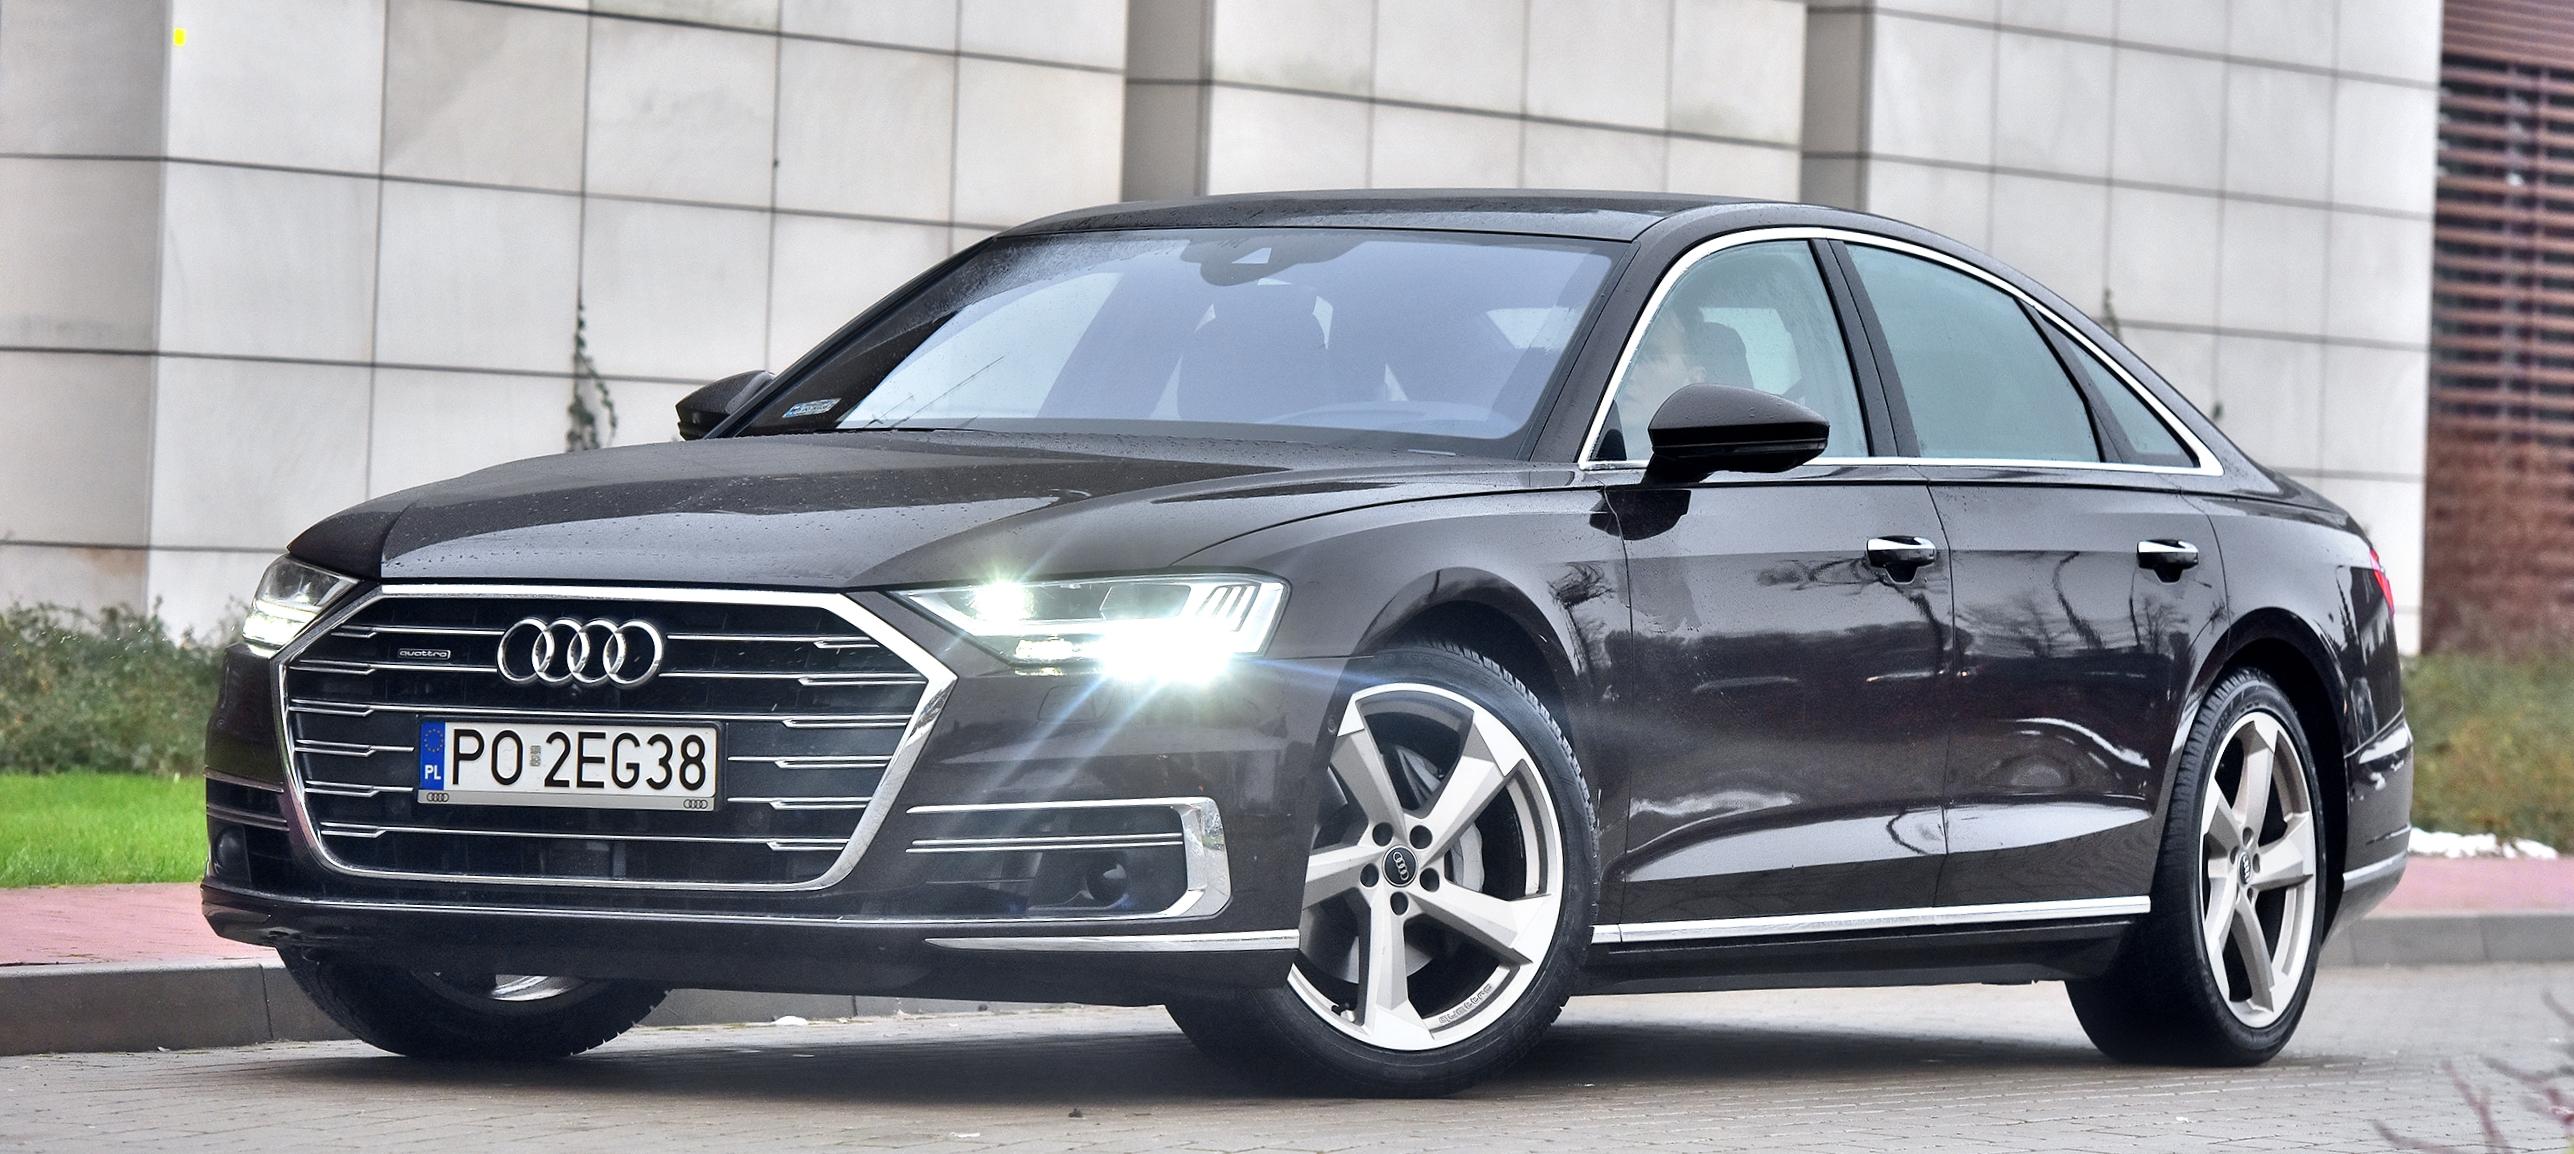 Audi-A8-D4_4